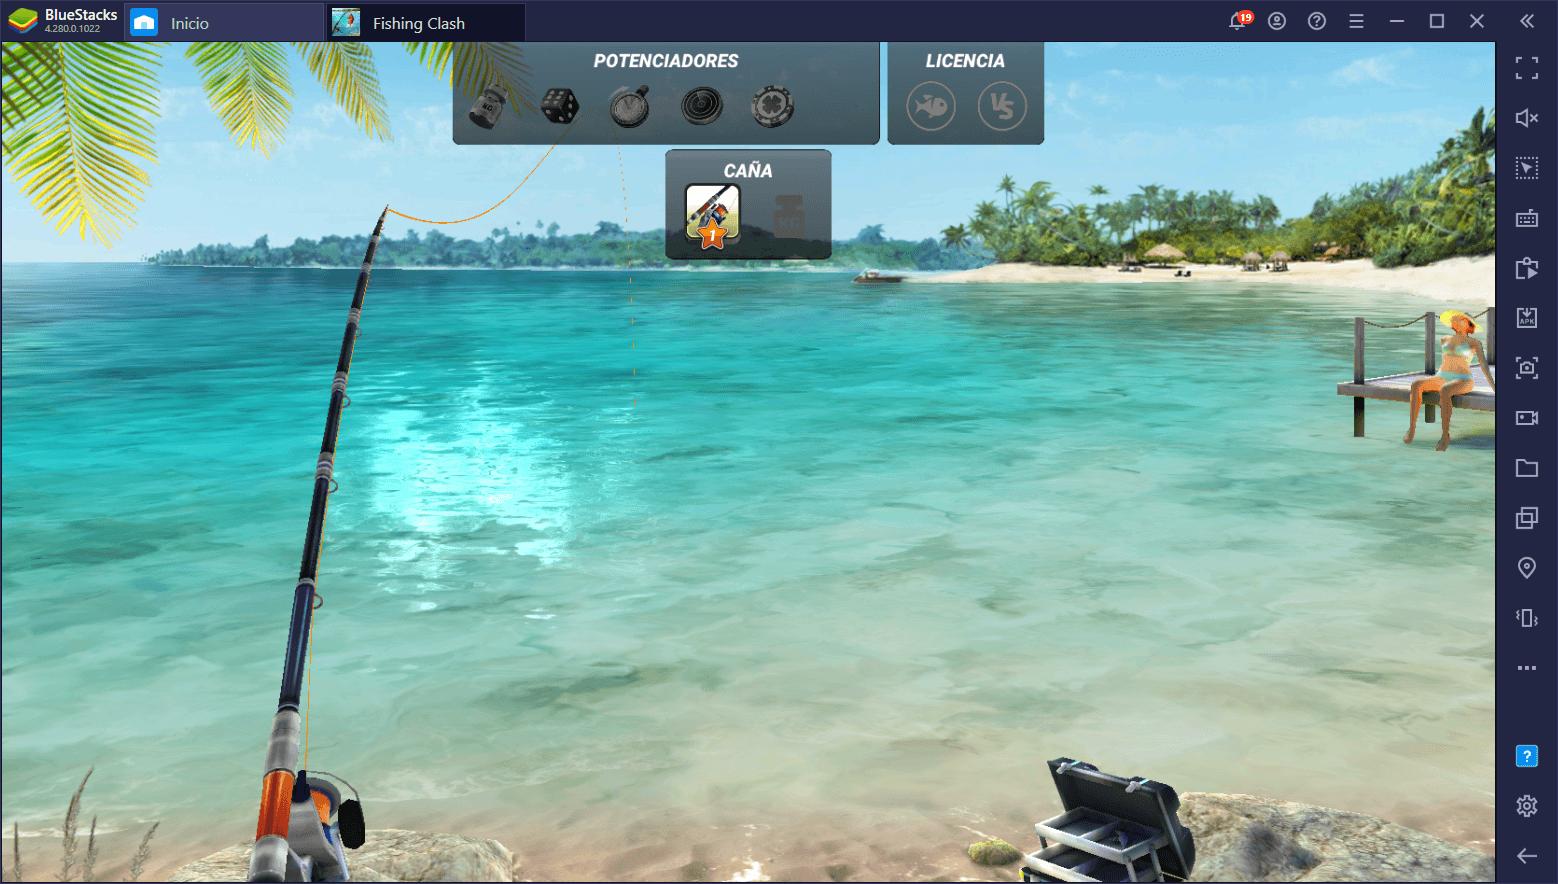 Guía de Principiantes Para Fishing Clash – Cómo Atrapar la Mayor Cantidad de Pescados en PC